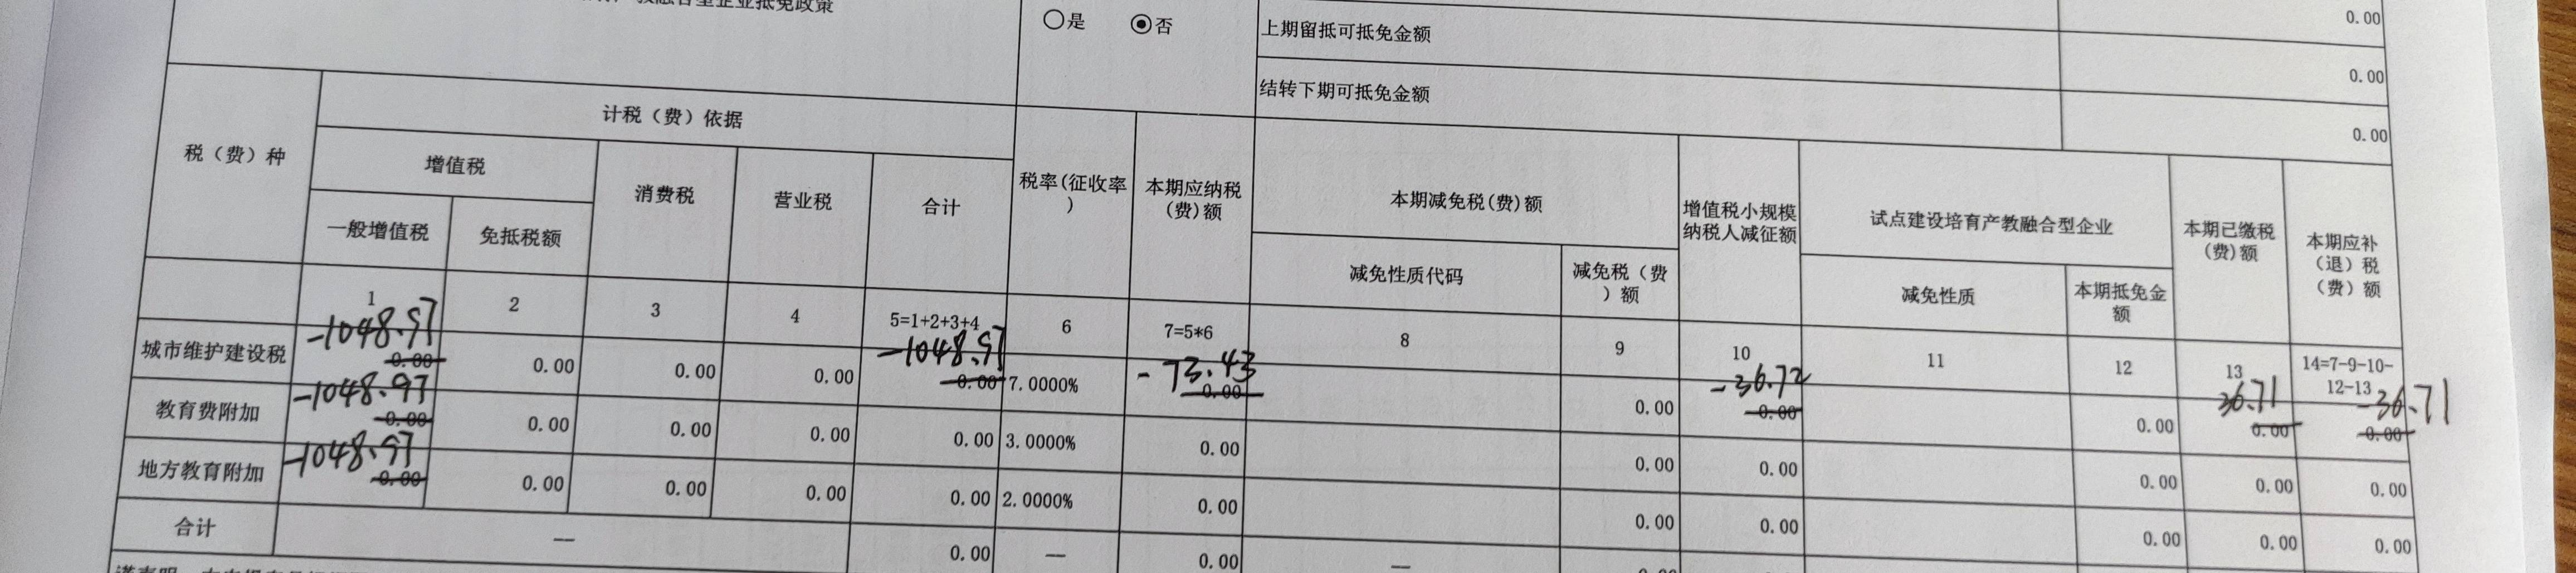 老师,现需要退税,您帮看一下这个表这样填对吗